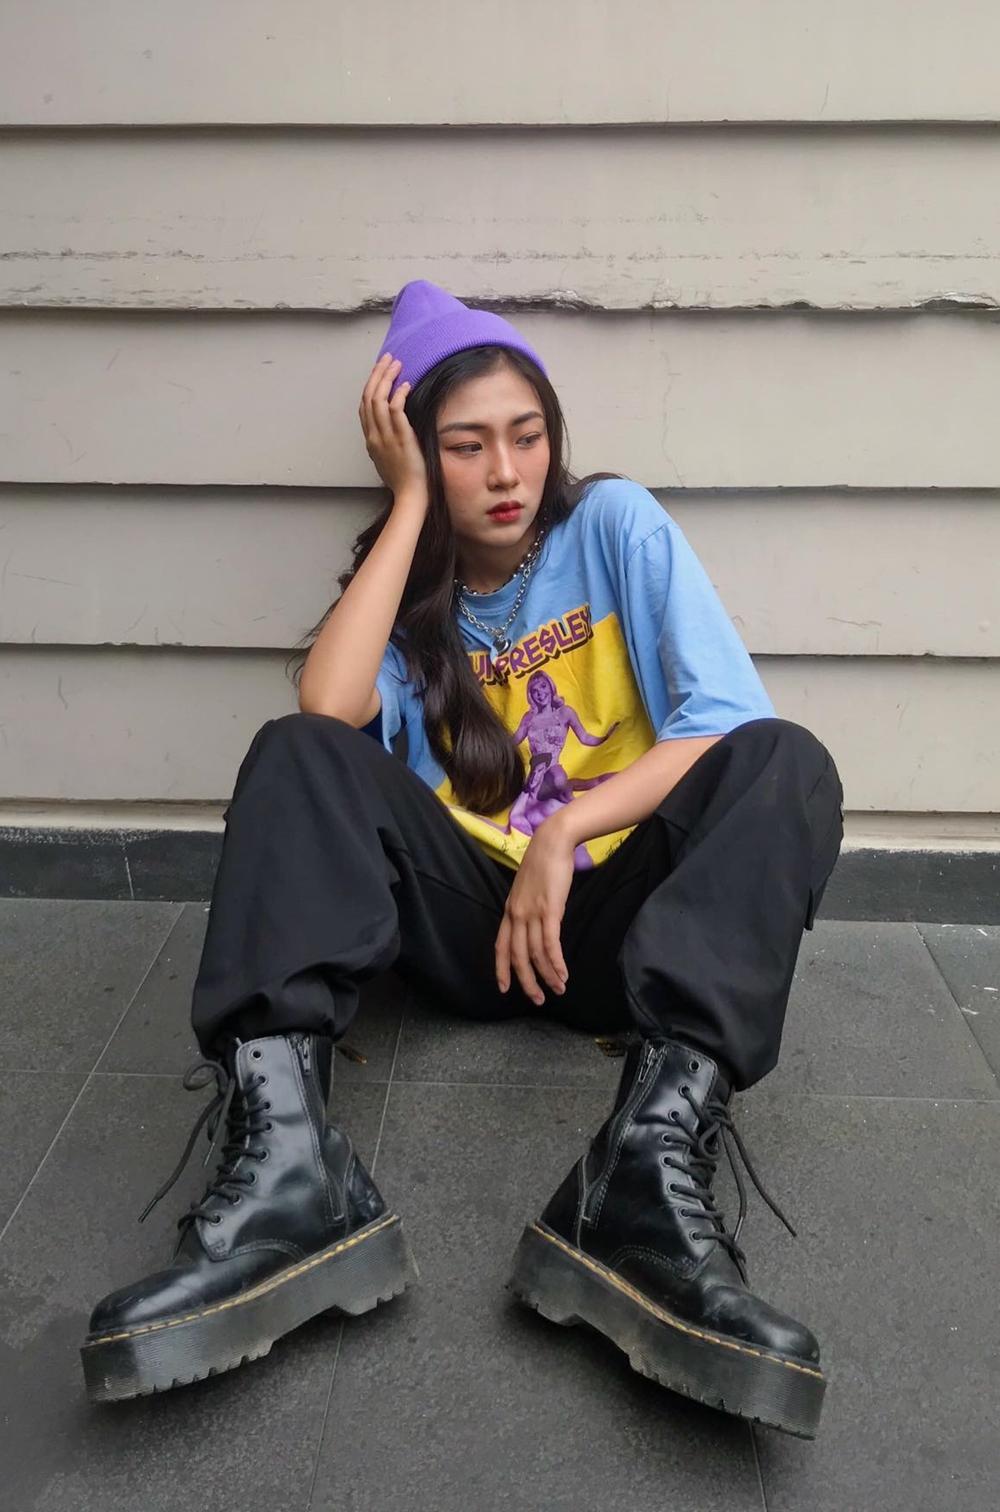 Trang Yue muốn hướng đến là cô gái nổi loạn, xinh đẹp nhưng vẫn phải có chút bí ẩn riêng.